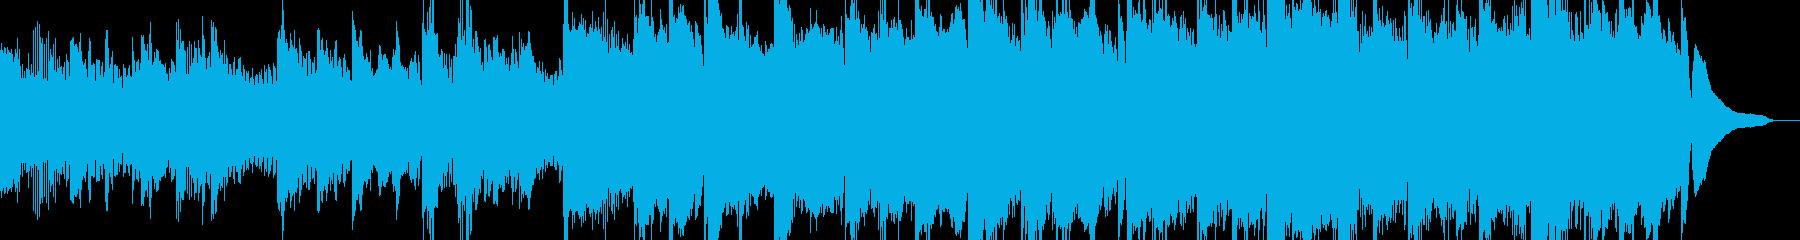 アンビエント ほのぼの 幸せ テク...の再生済みの波形